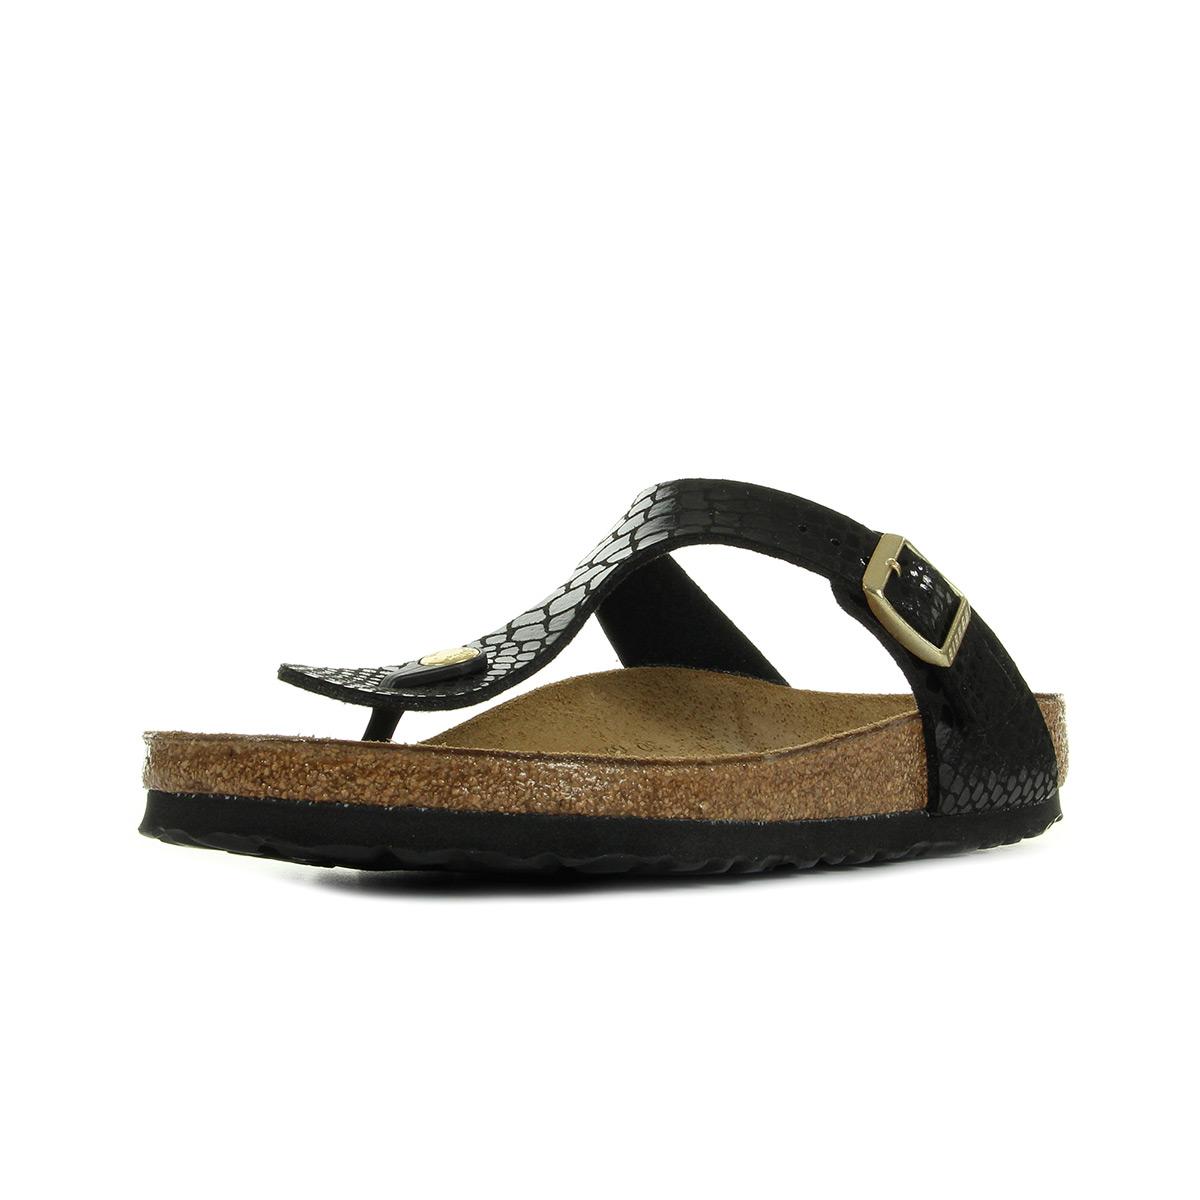 birkenstock gizeh bs shiny snake black 1004274 chaussures. Black Bedroom Furniture Sets. Home Design Ideas